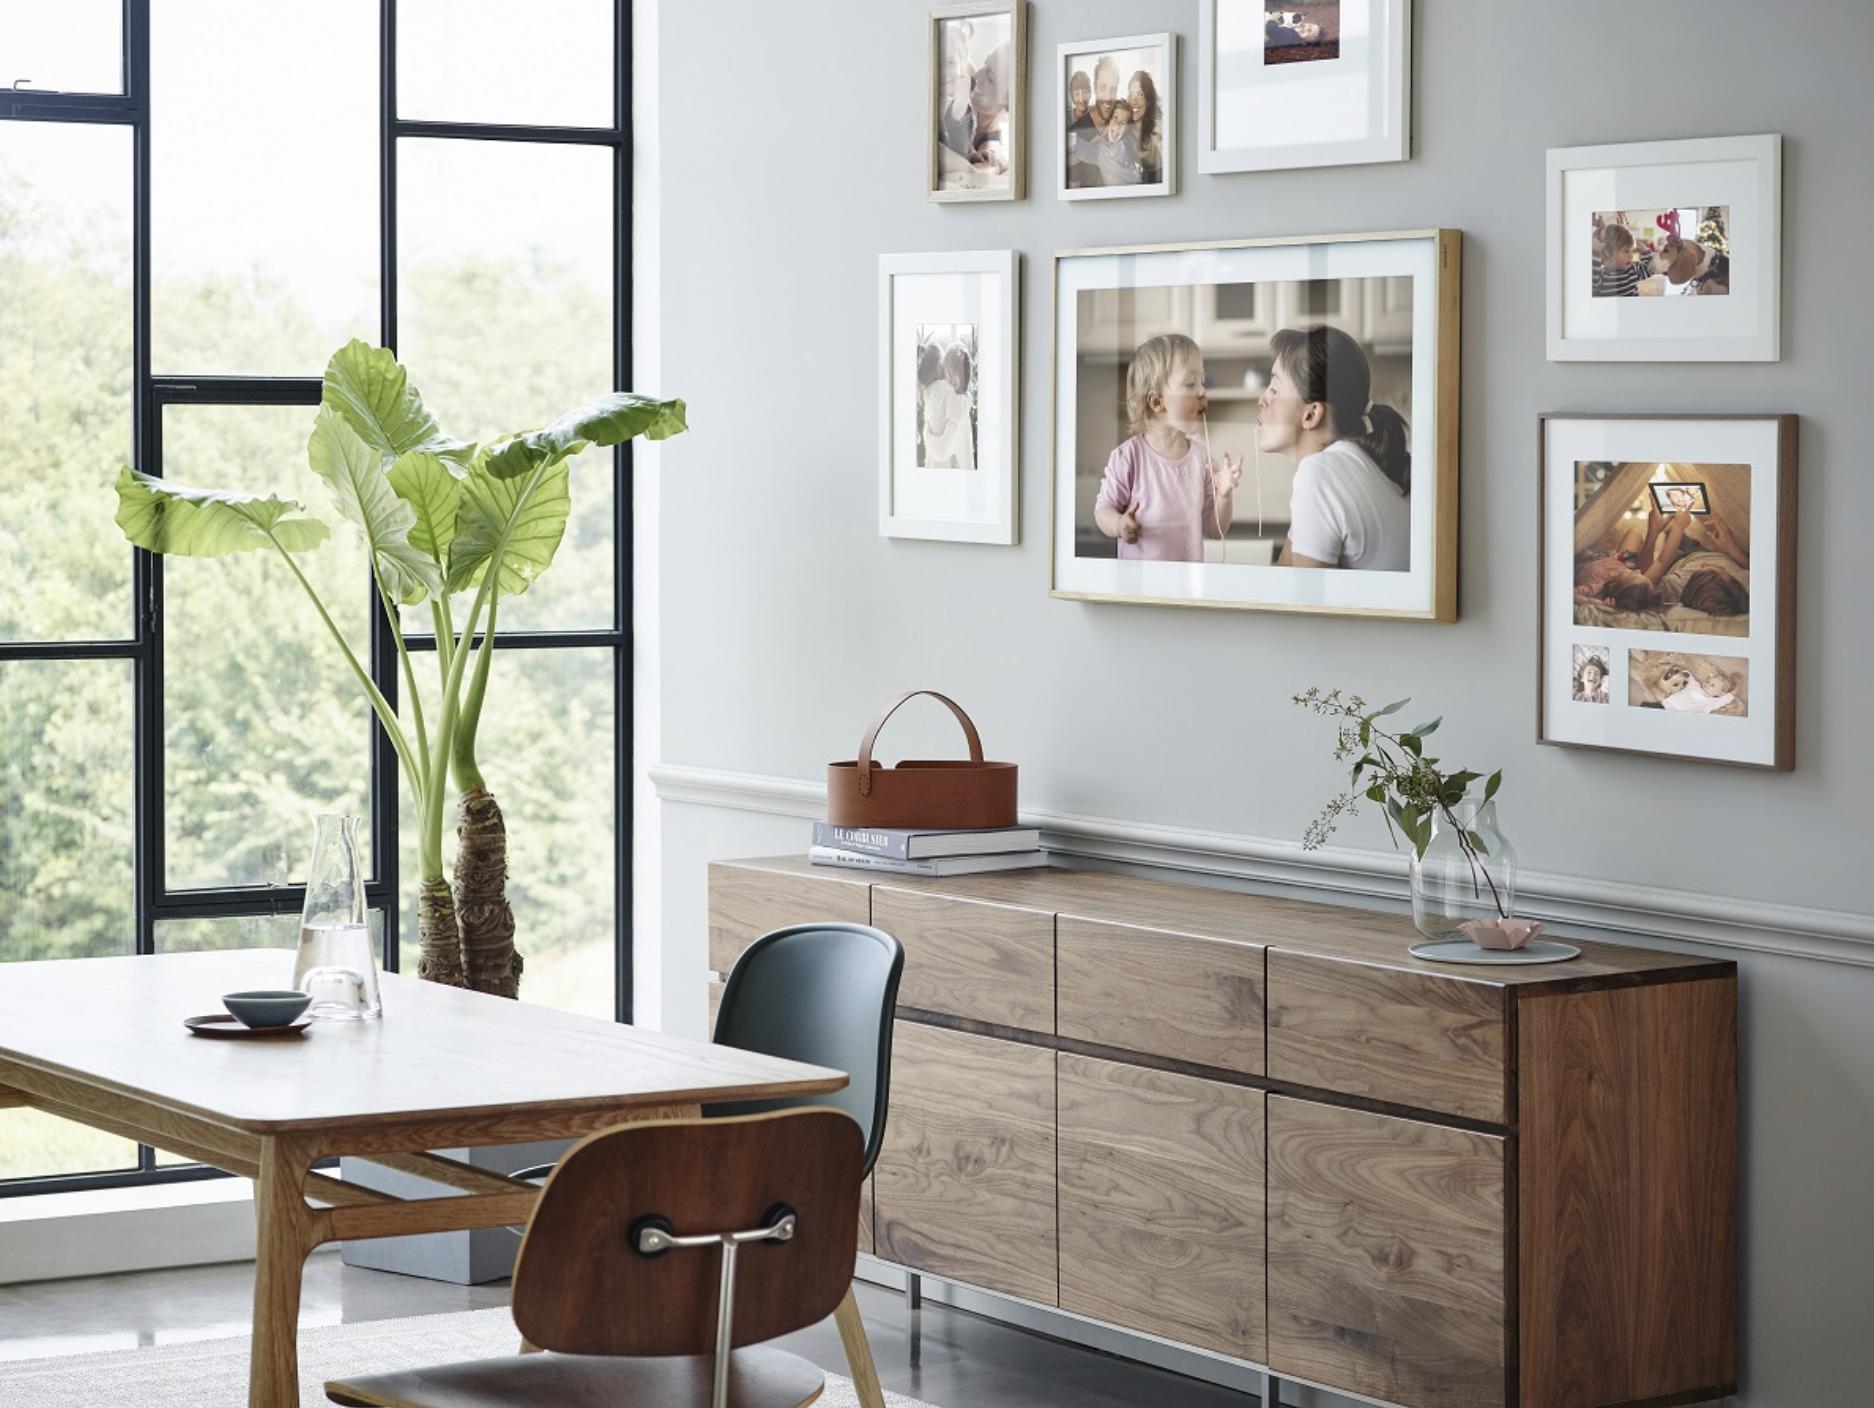 frame tv: samsung stellt fernseher mit frischem design vor | news, Wohnzimmer dekoo